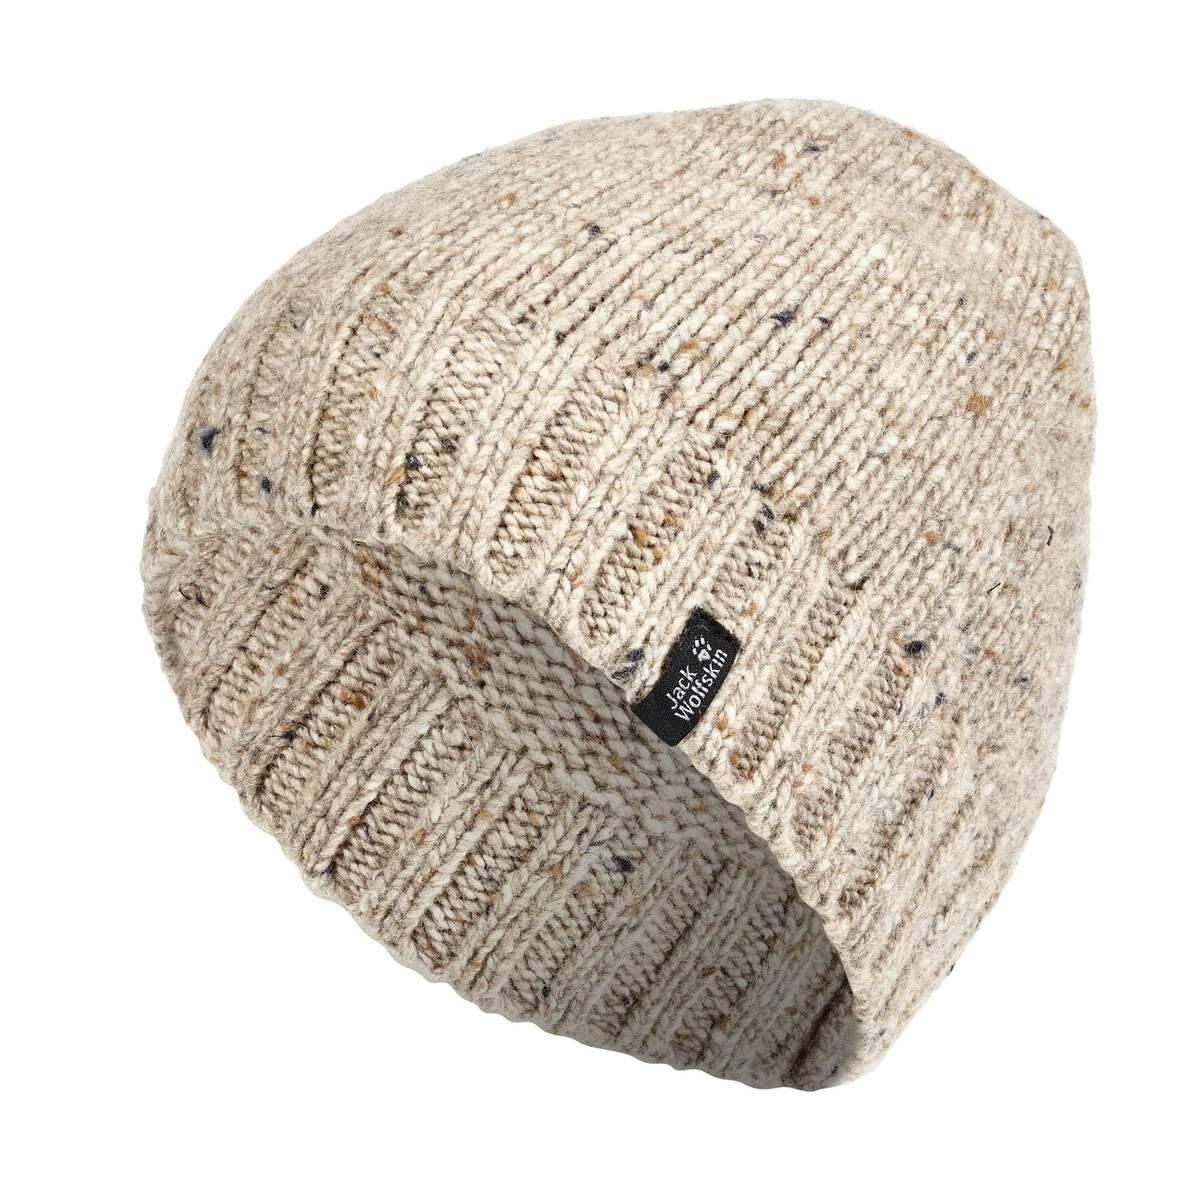 Bild 1 von Jack Wolfskin MERINO BASIC CAP Unisex - Mütze